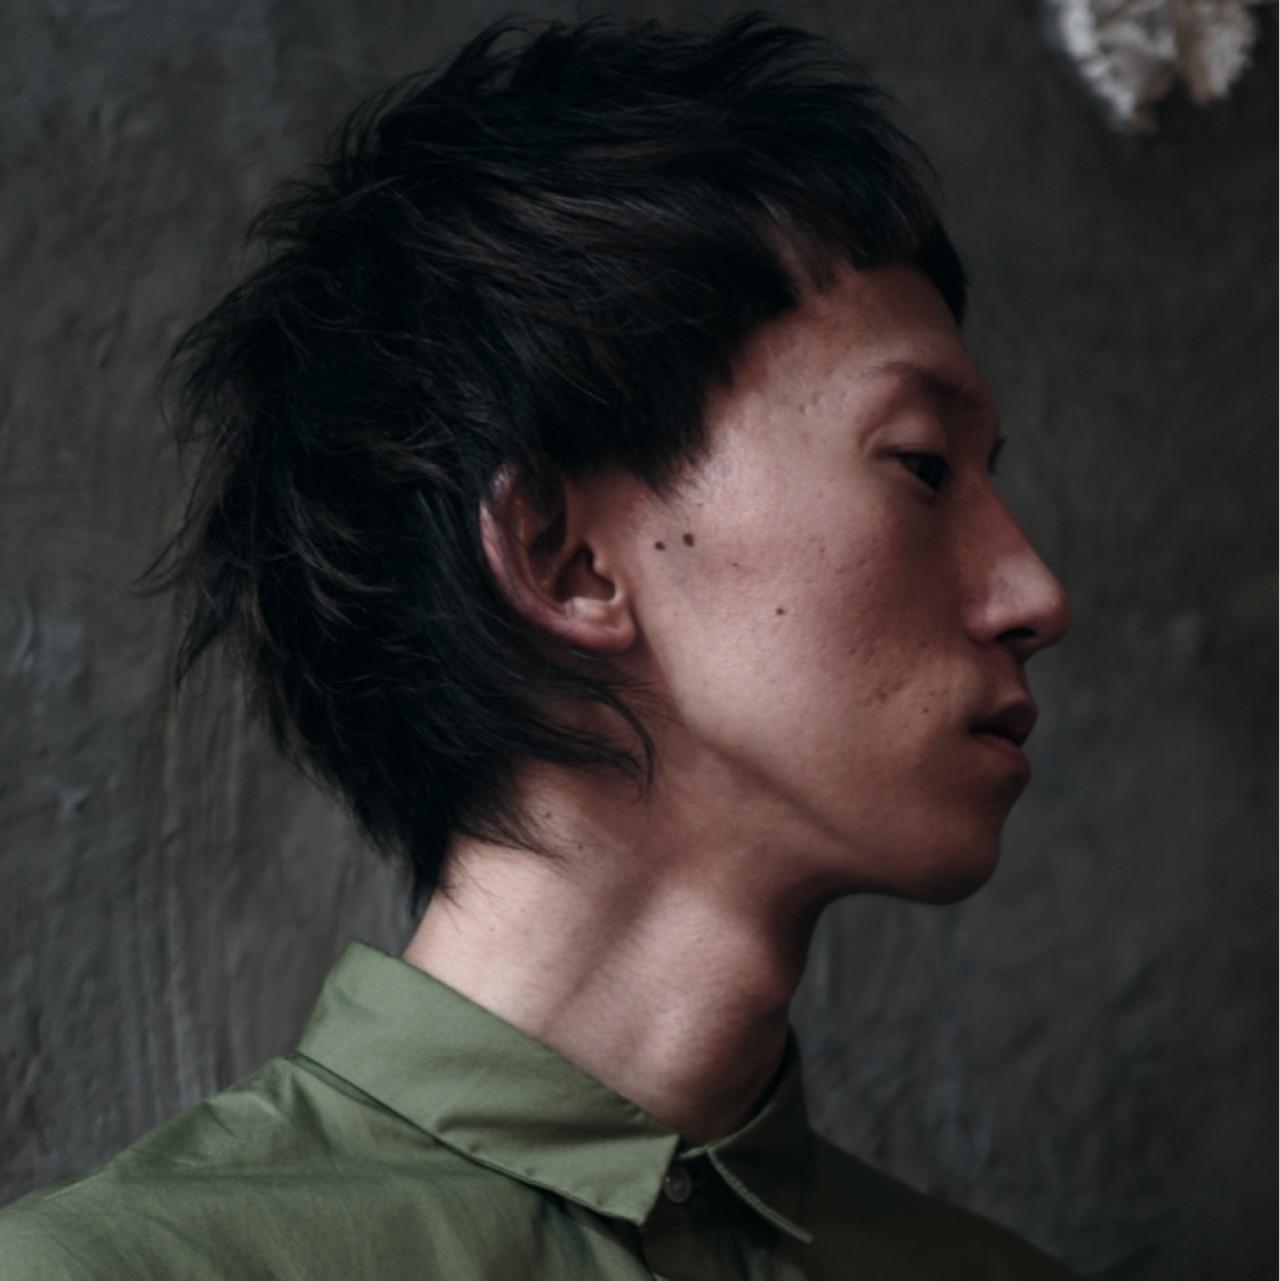 前髪あり モード ショート メンズ ヘアスタイルや髪型の写真・画像   西川 賢一 blast / blast